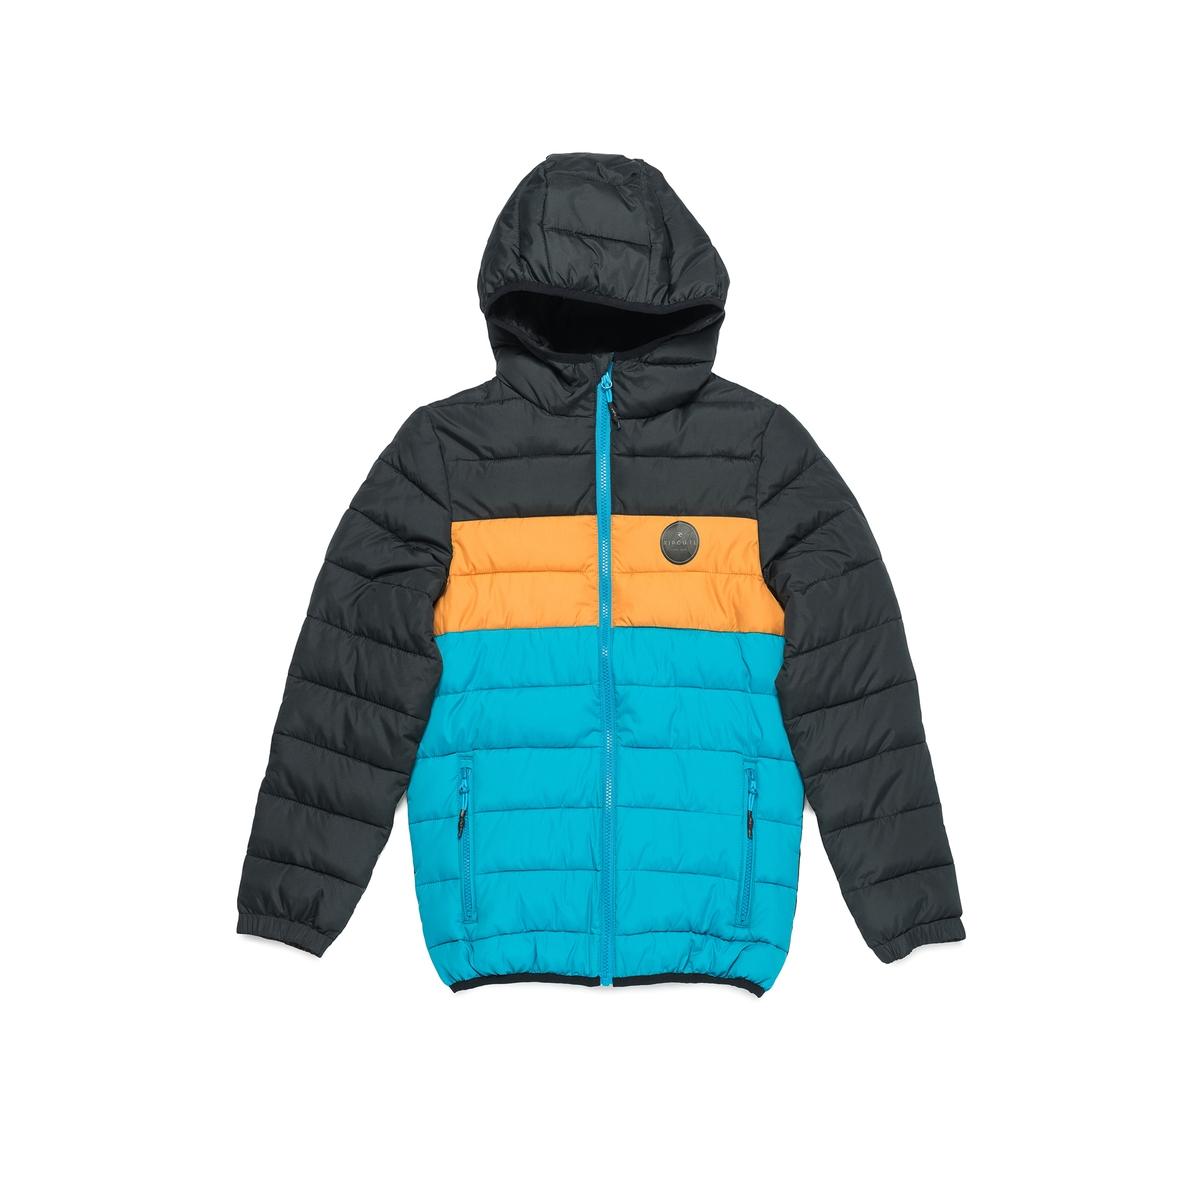 Куртка стеганая в полоску с капюшоном, 8-16 лет насос grundfos ups 32 80 180 95906443